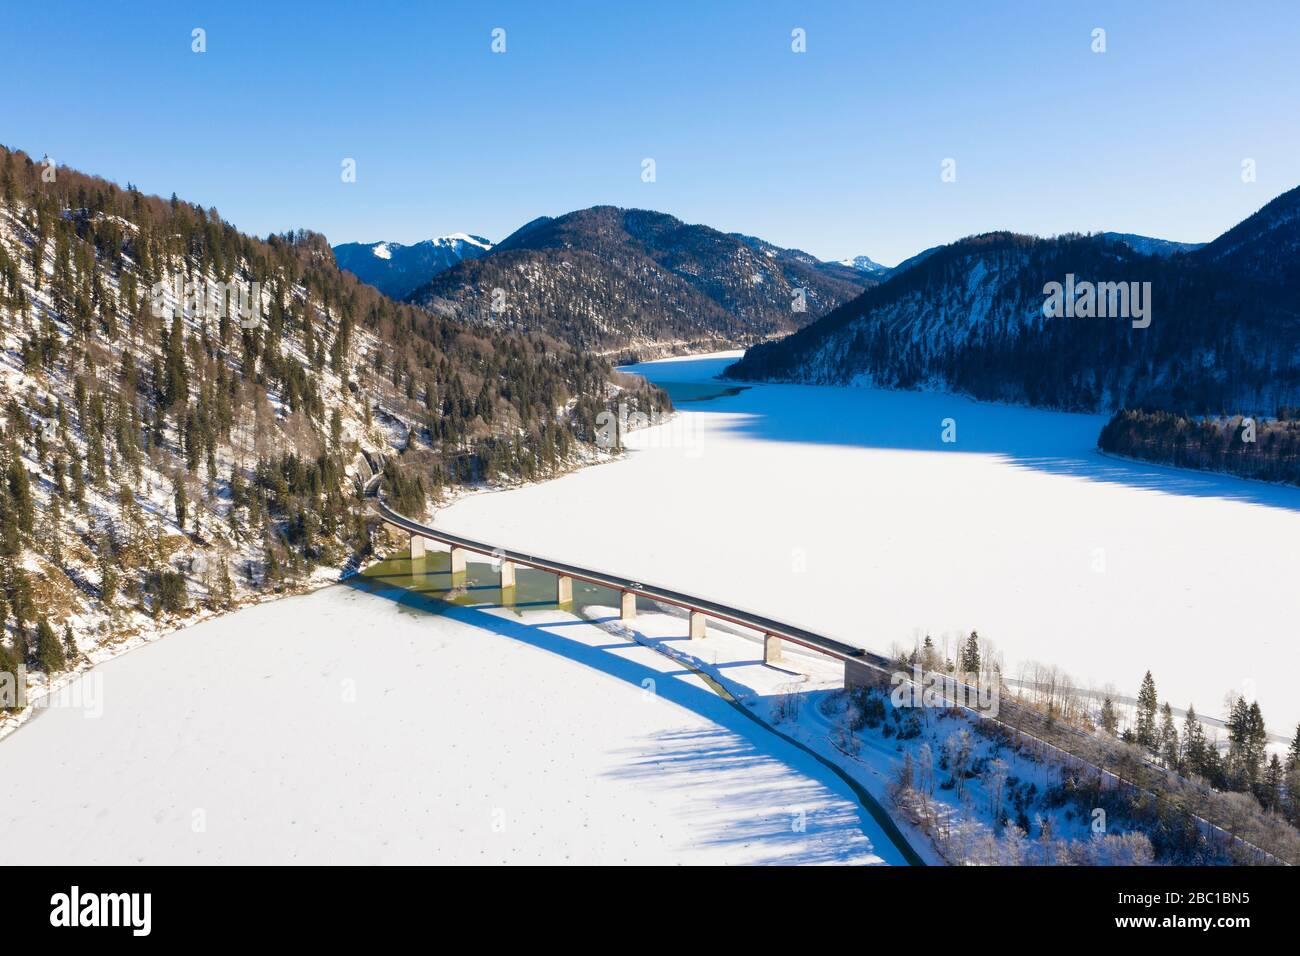 BrŸcke Ÿber Sylvensteinsee, Luftaufnahme , Lenggries, Isarwinkel, Oberbayern, Bayern, Deutschland Stock Photo